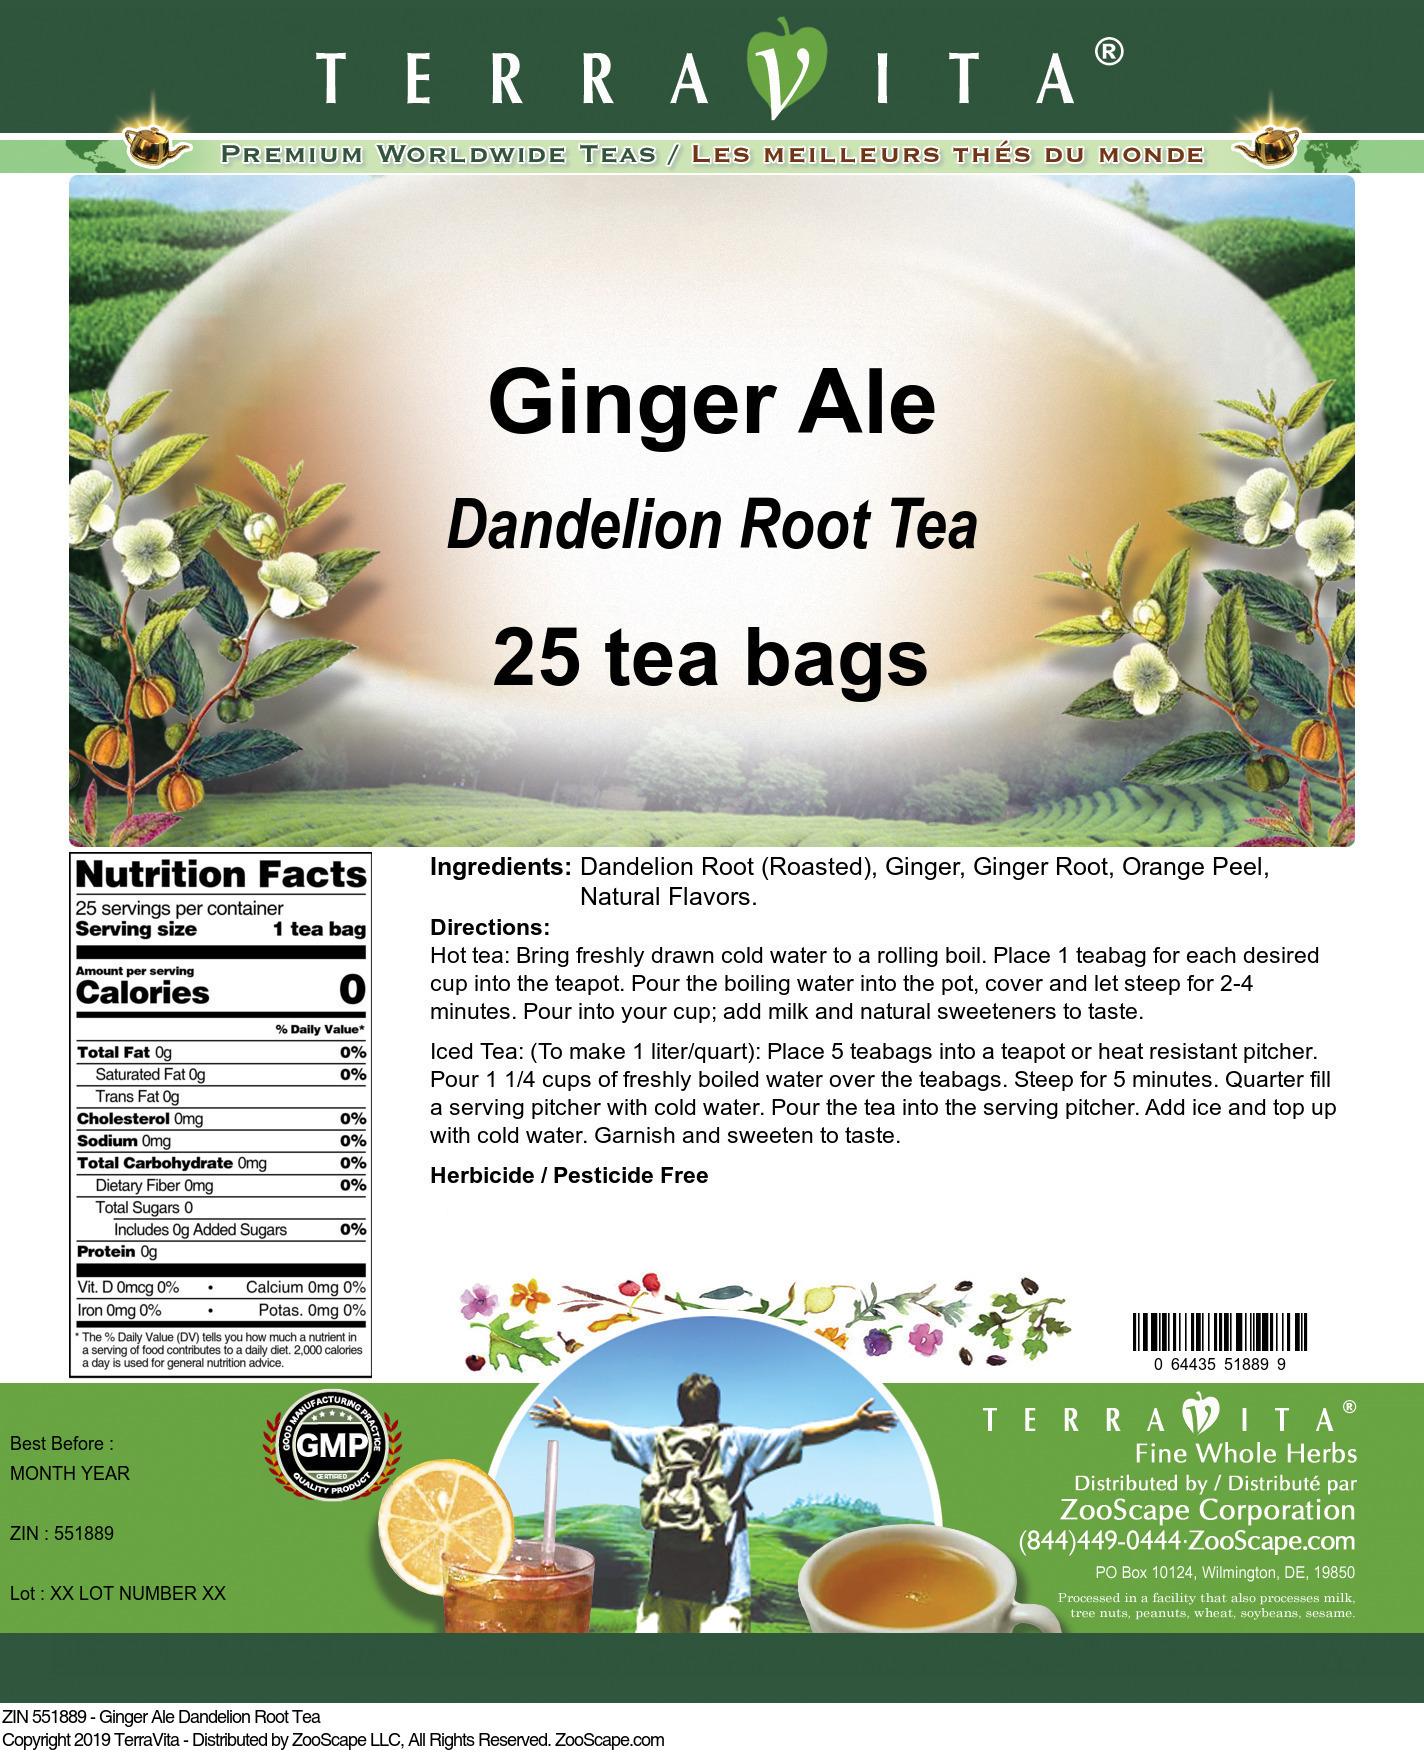 Ginger Ale Dandelion Root Tea